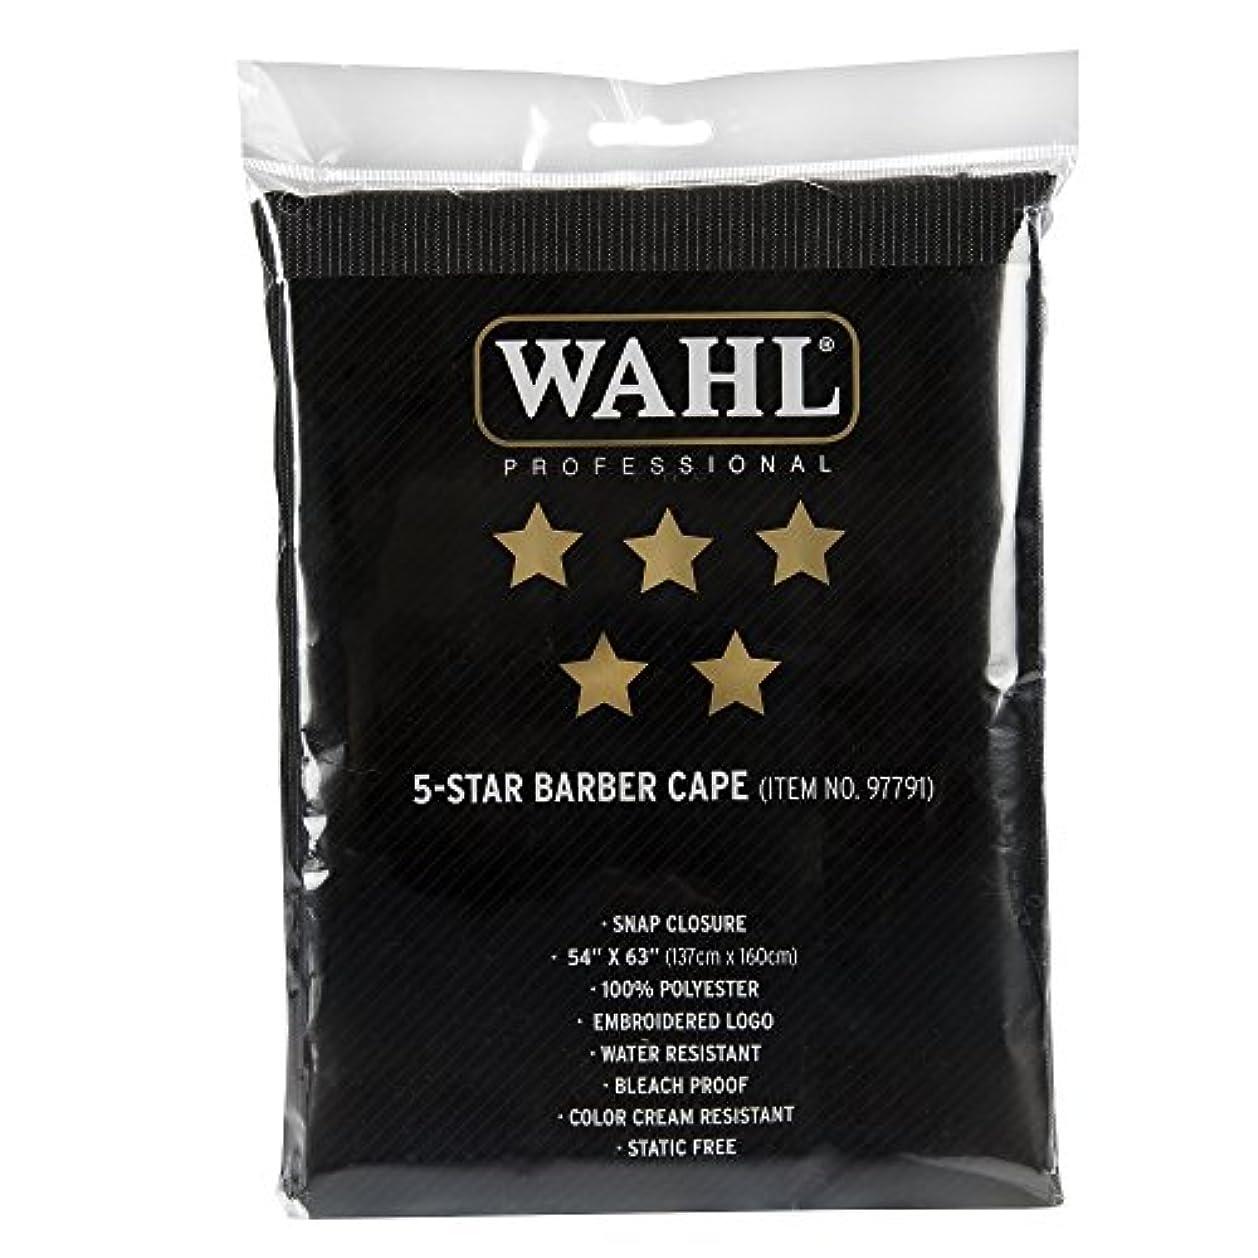 完全に上院議員りwahl 5-STAR barber cape カットクロス